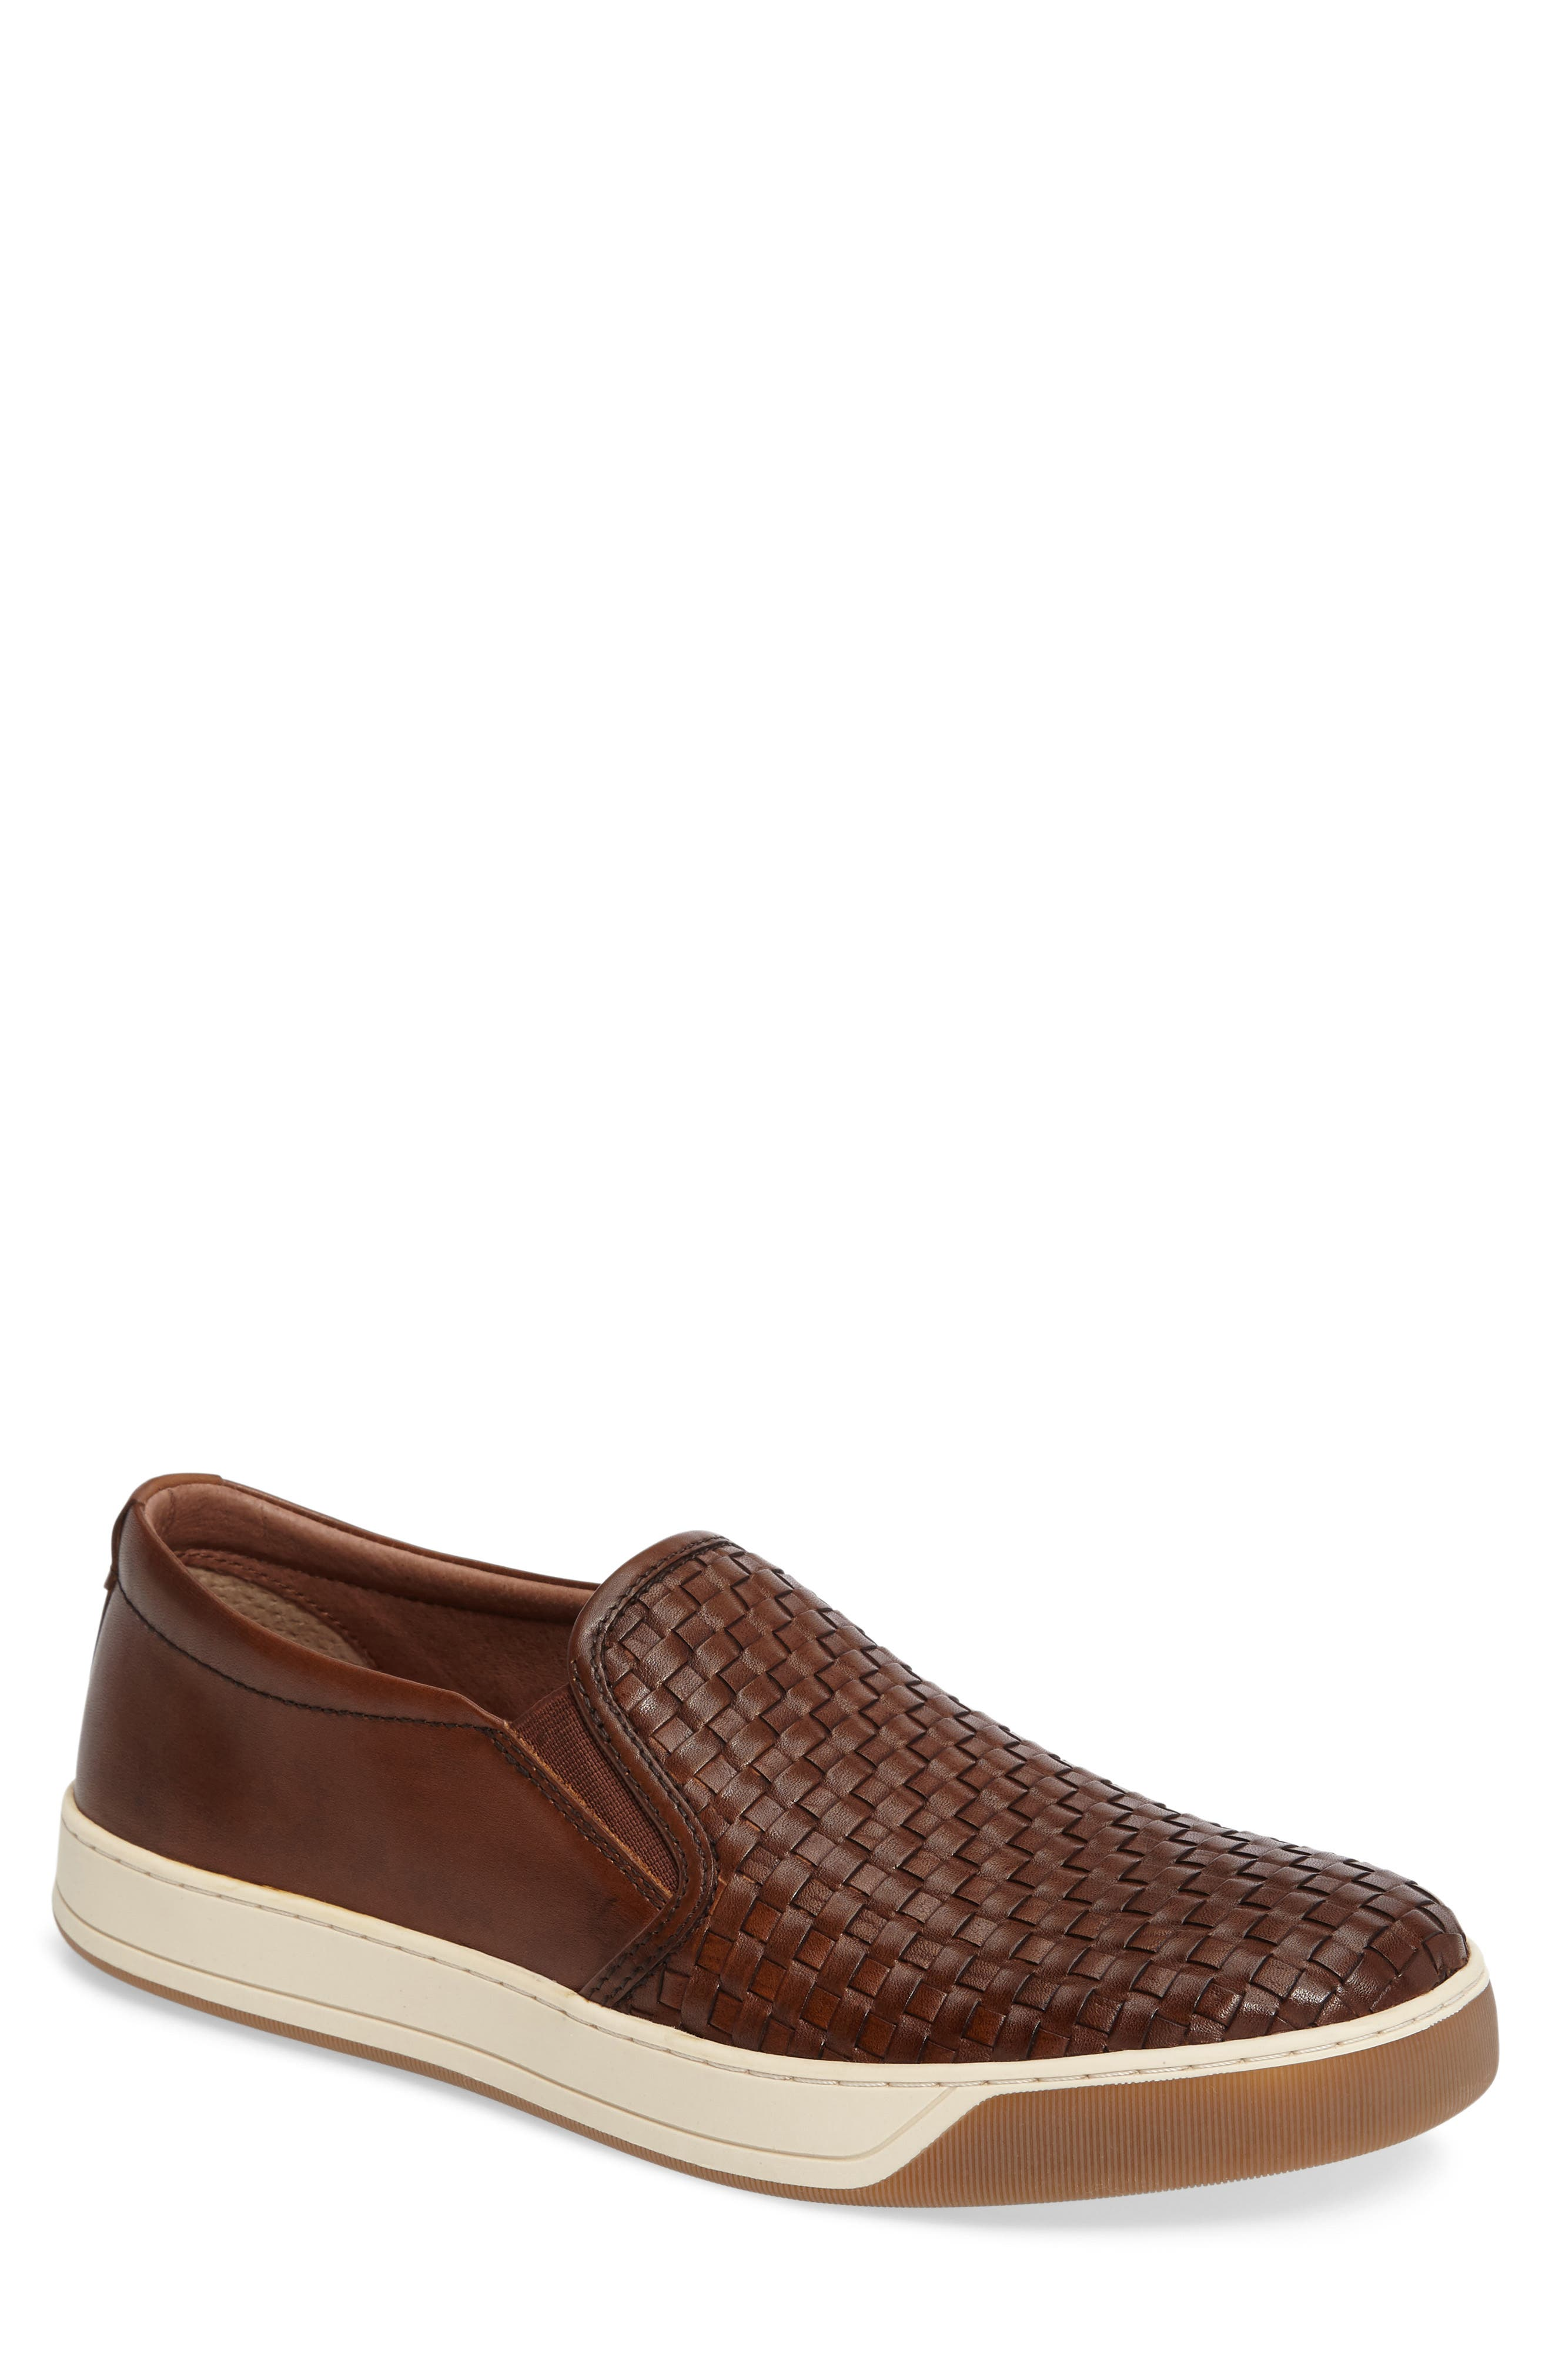 Alternate Image 1 Selected - J&M 1850 Allister Slip-On Sneaker (Men)